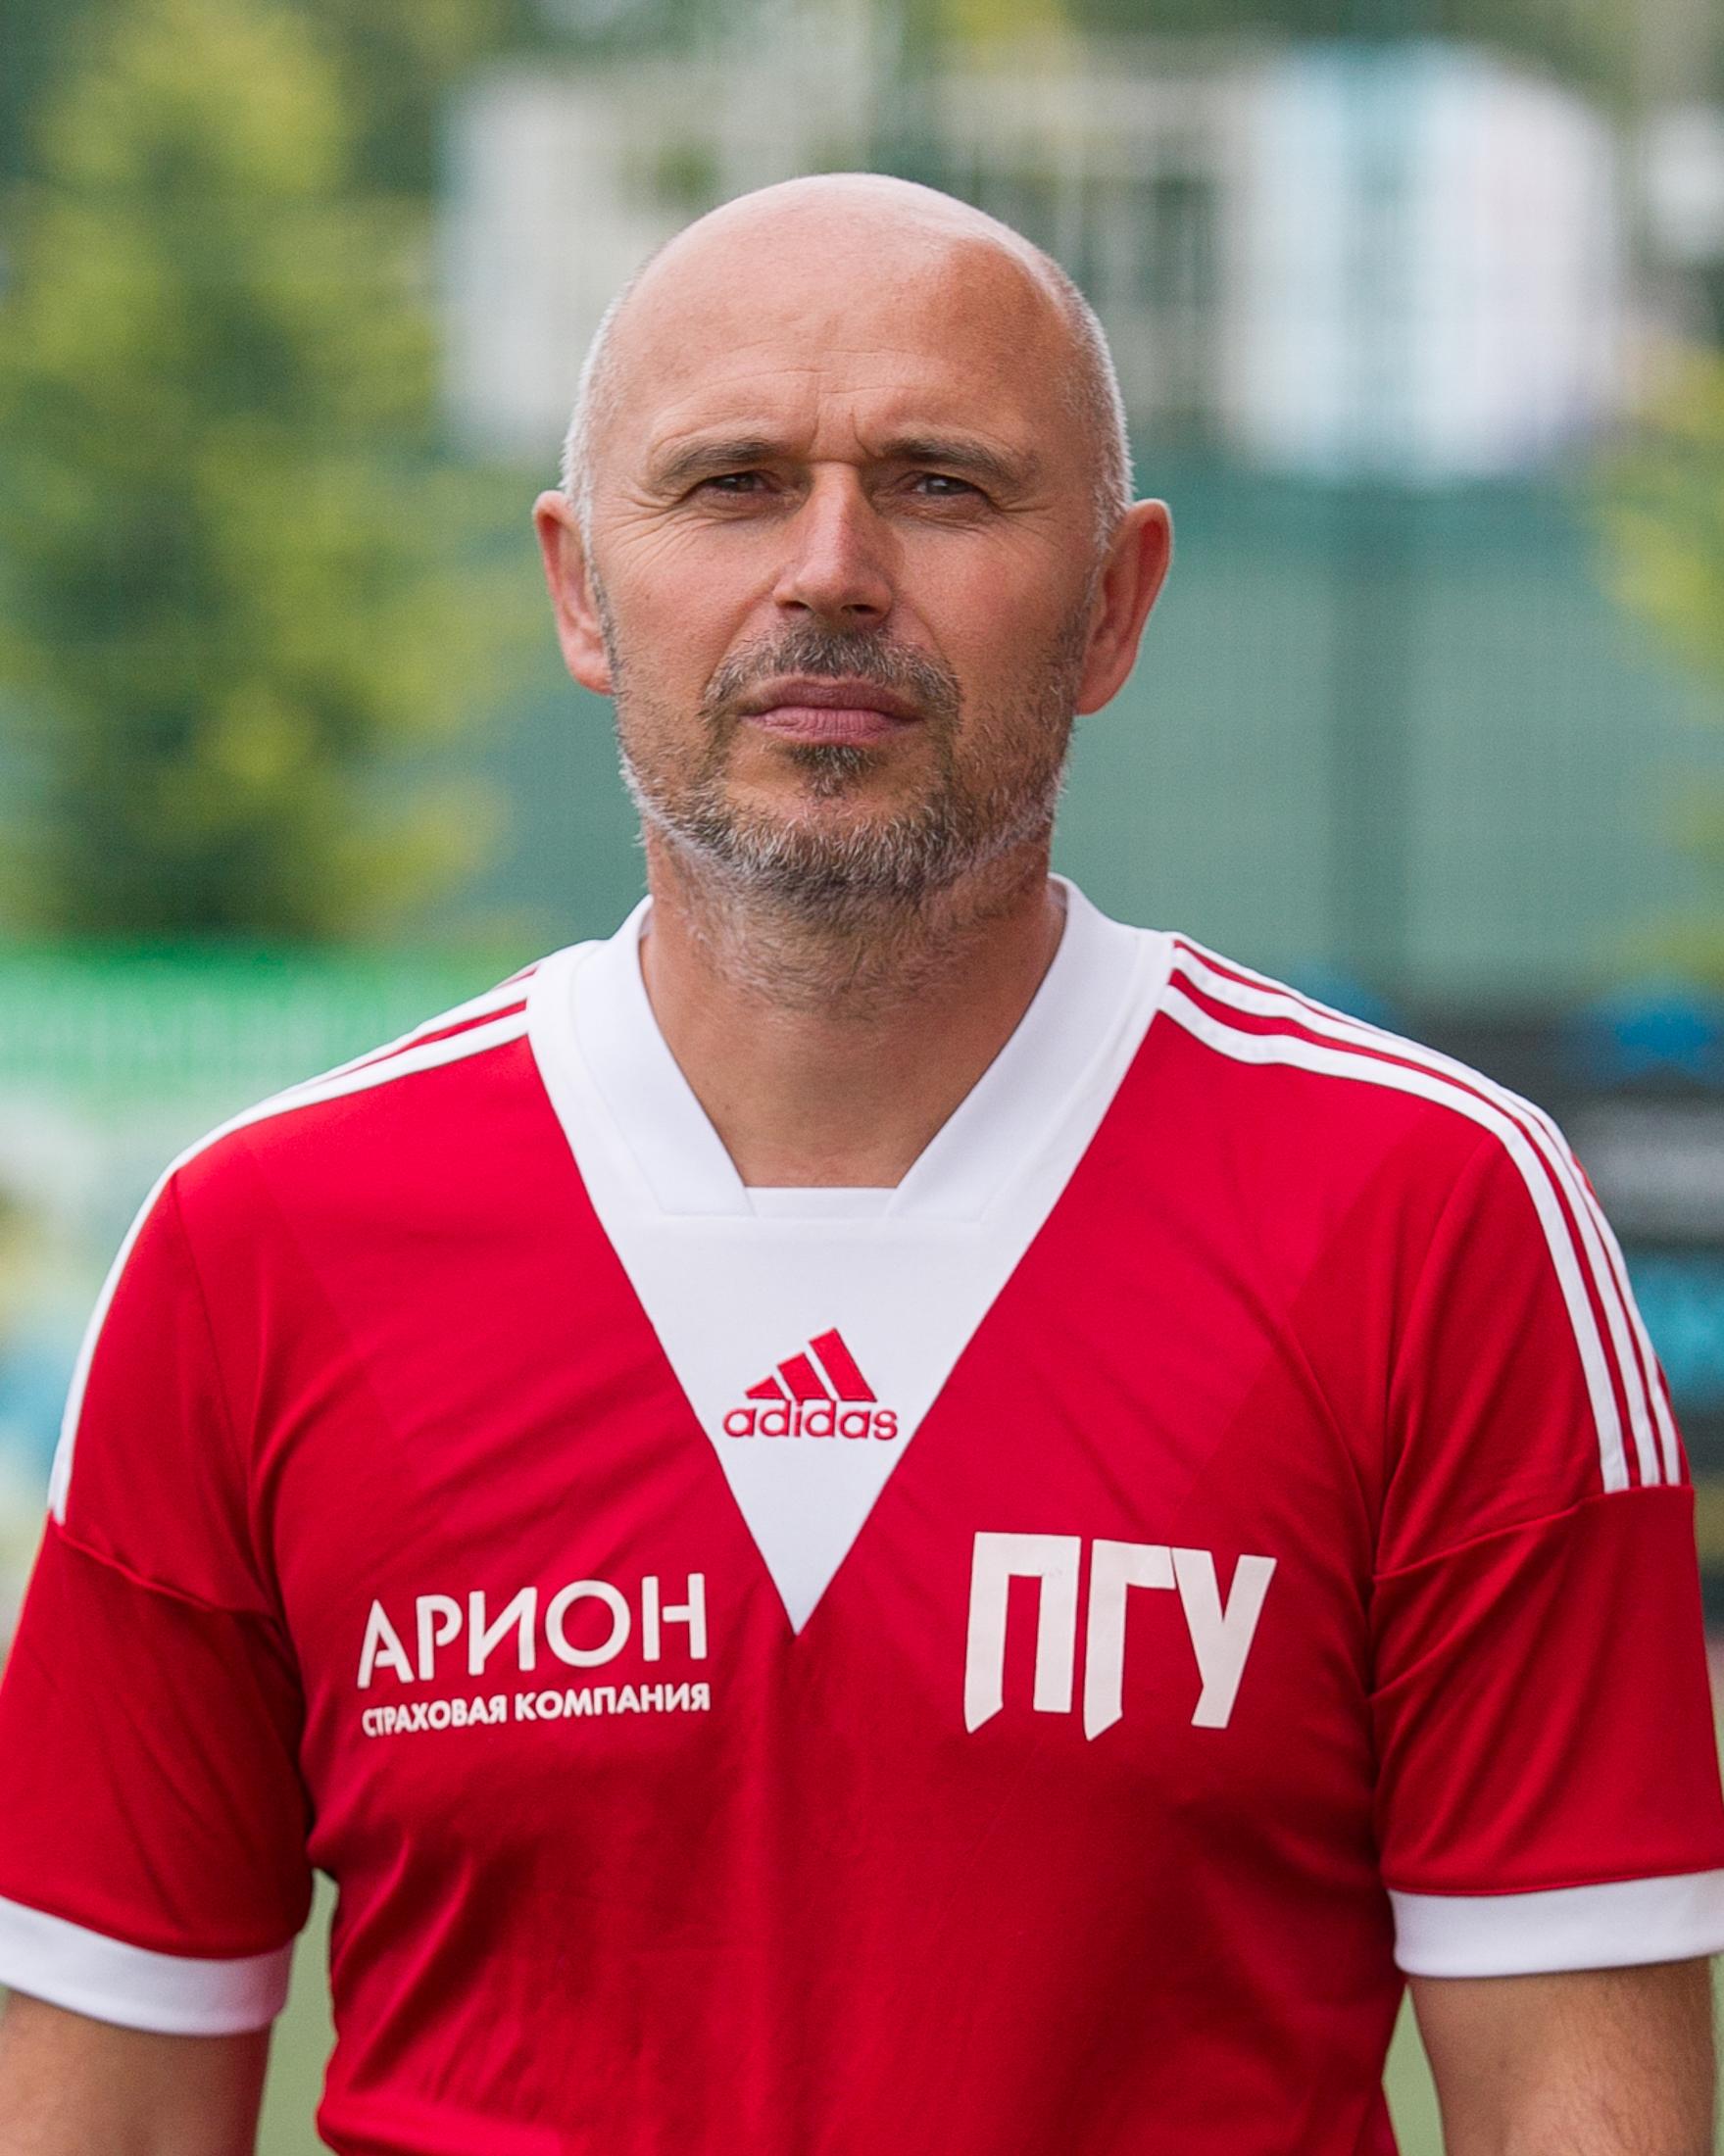 Газуль Дмитрий